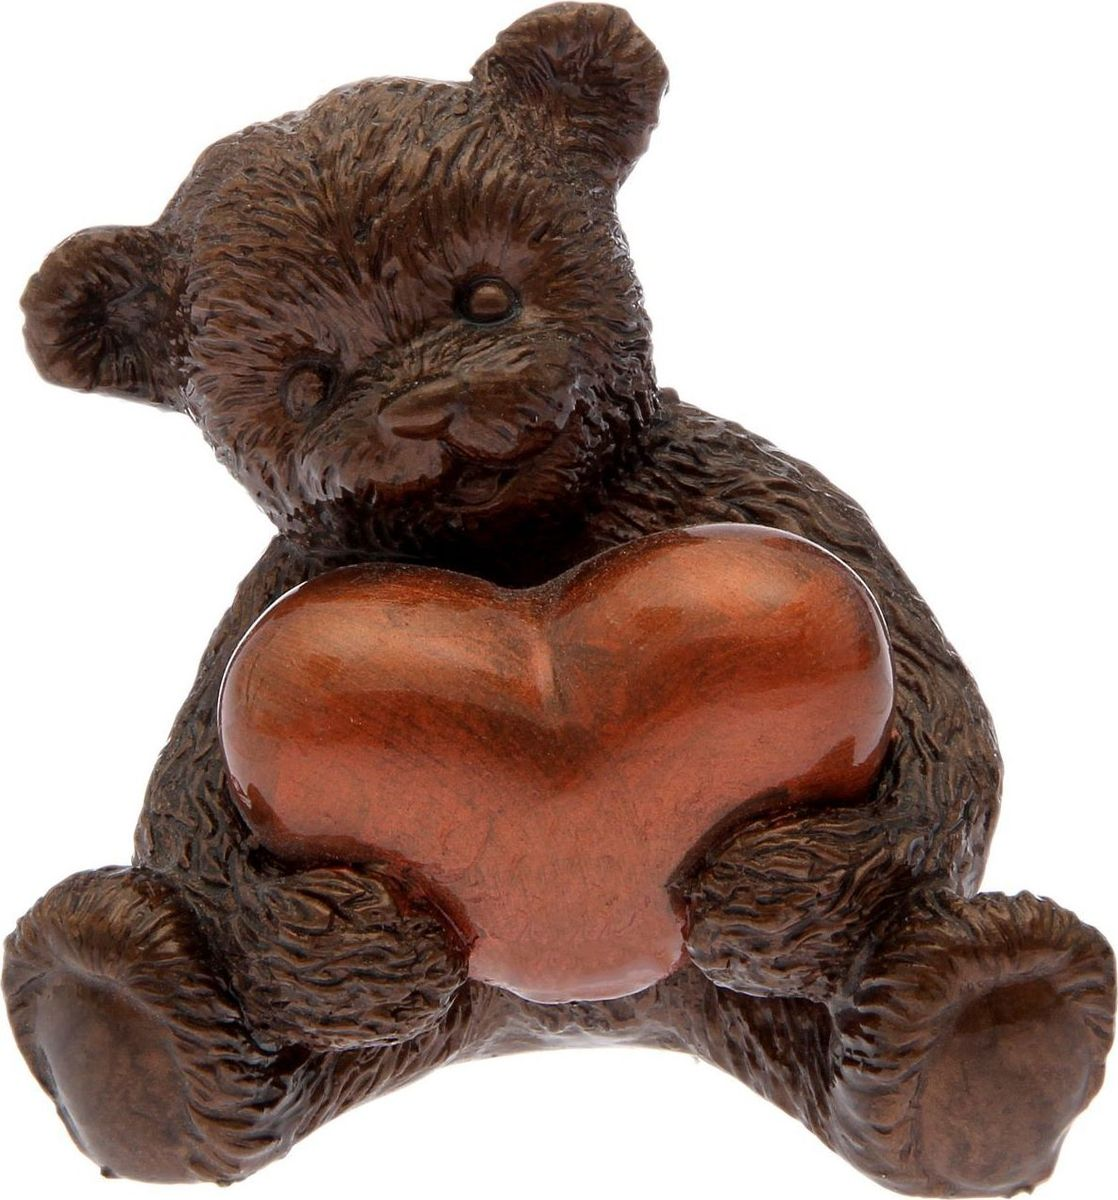 Статуэтка сувенирная Premium Gips Мишка с сердцем, цвет: коричневый, 8 х 10 х 12 см2152896Перед вами — сувенир в полном смысле этого слова. И главная его задача — хранить воспоминание о месте, где вы побывали, или о том человеке, который подарил данный предмет. Преподнесите эту вещь своему другу, и она станет достойным украшением его дома.